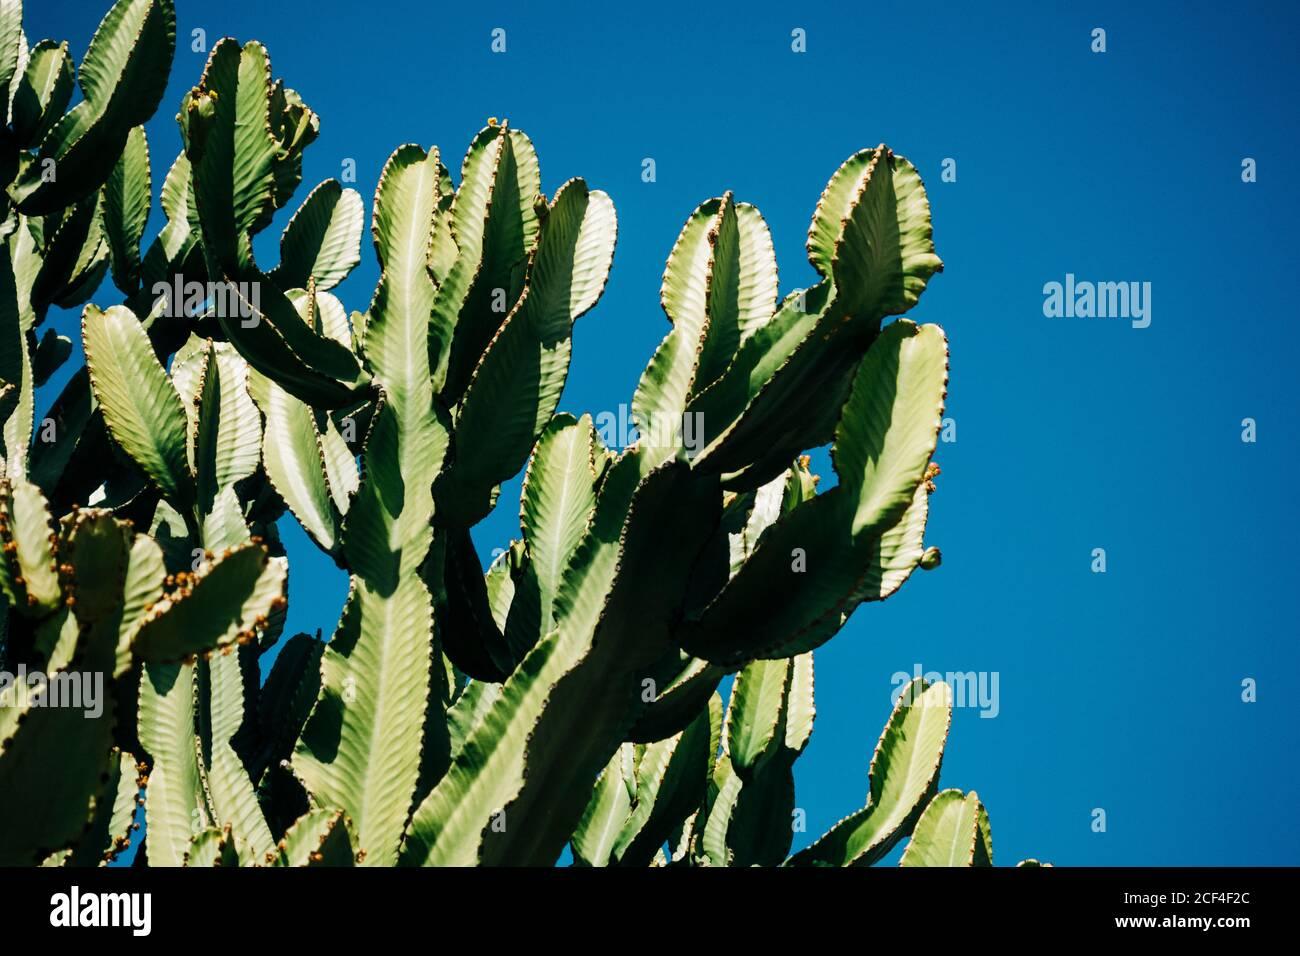 Cactus de primer plano con tallos verdes altos creciendo en la naturaleza contra un cielo azul claro en un día soleado Foto de stock